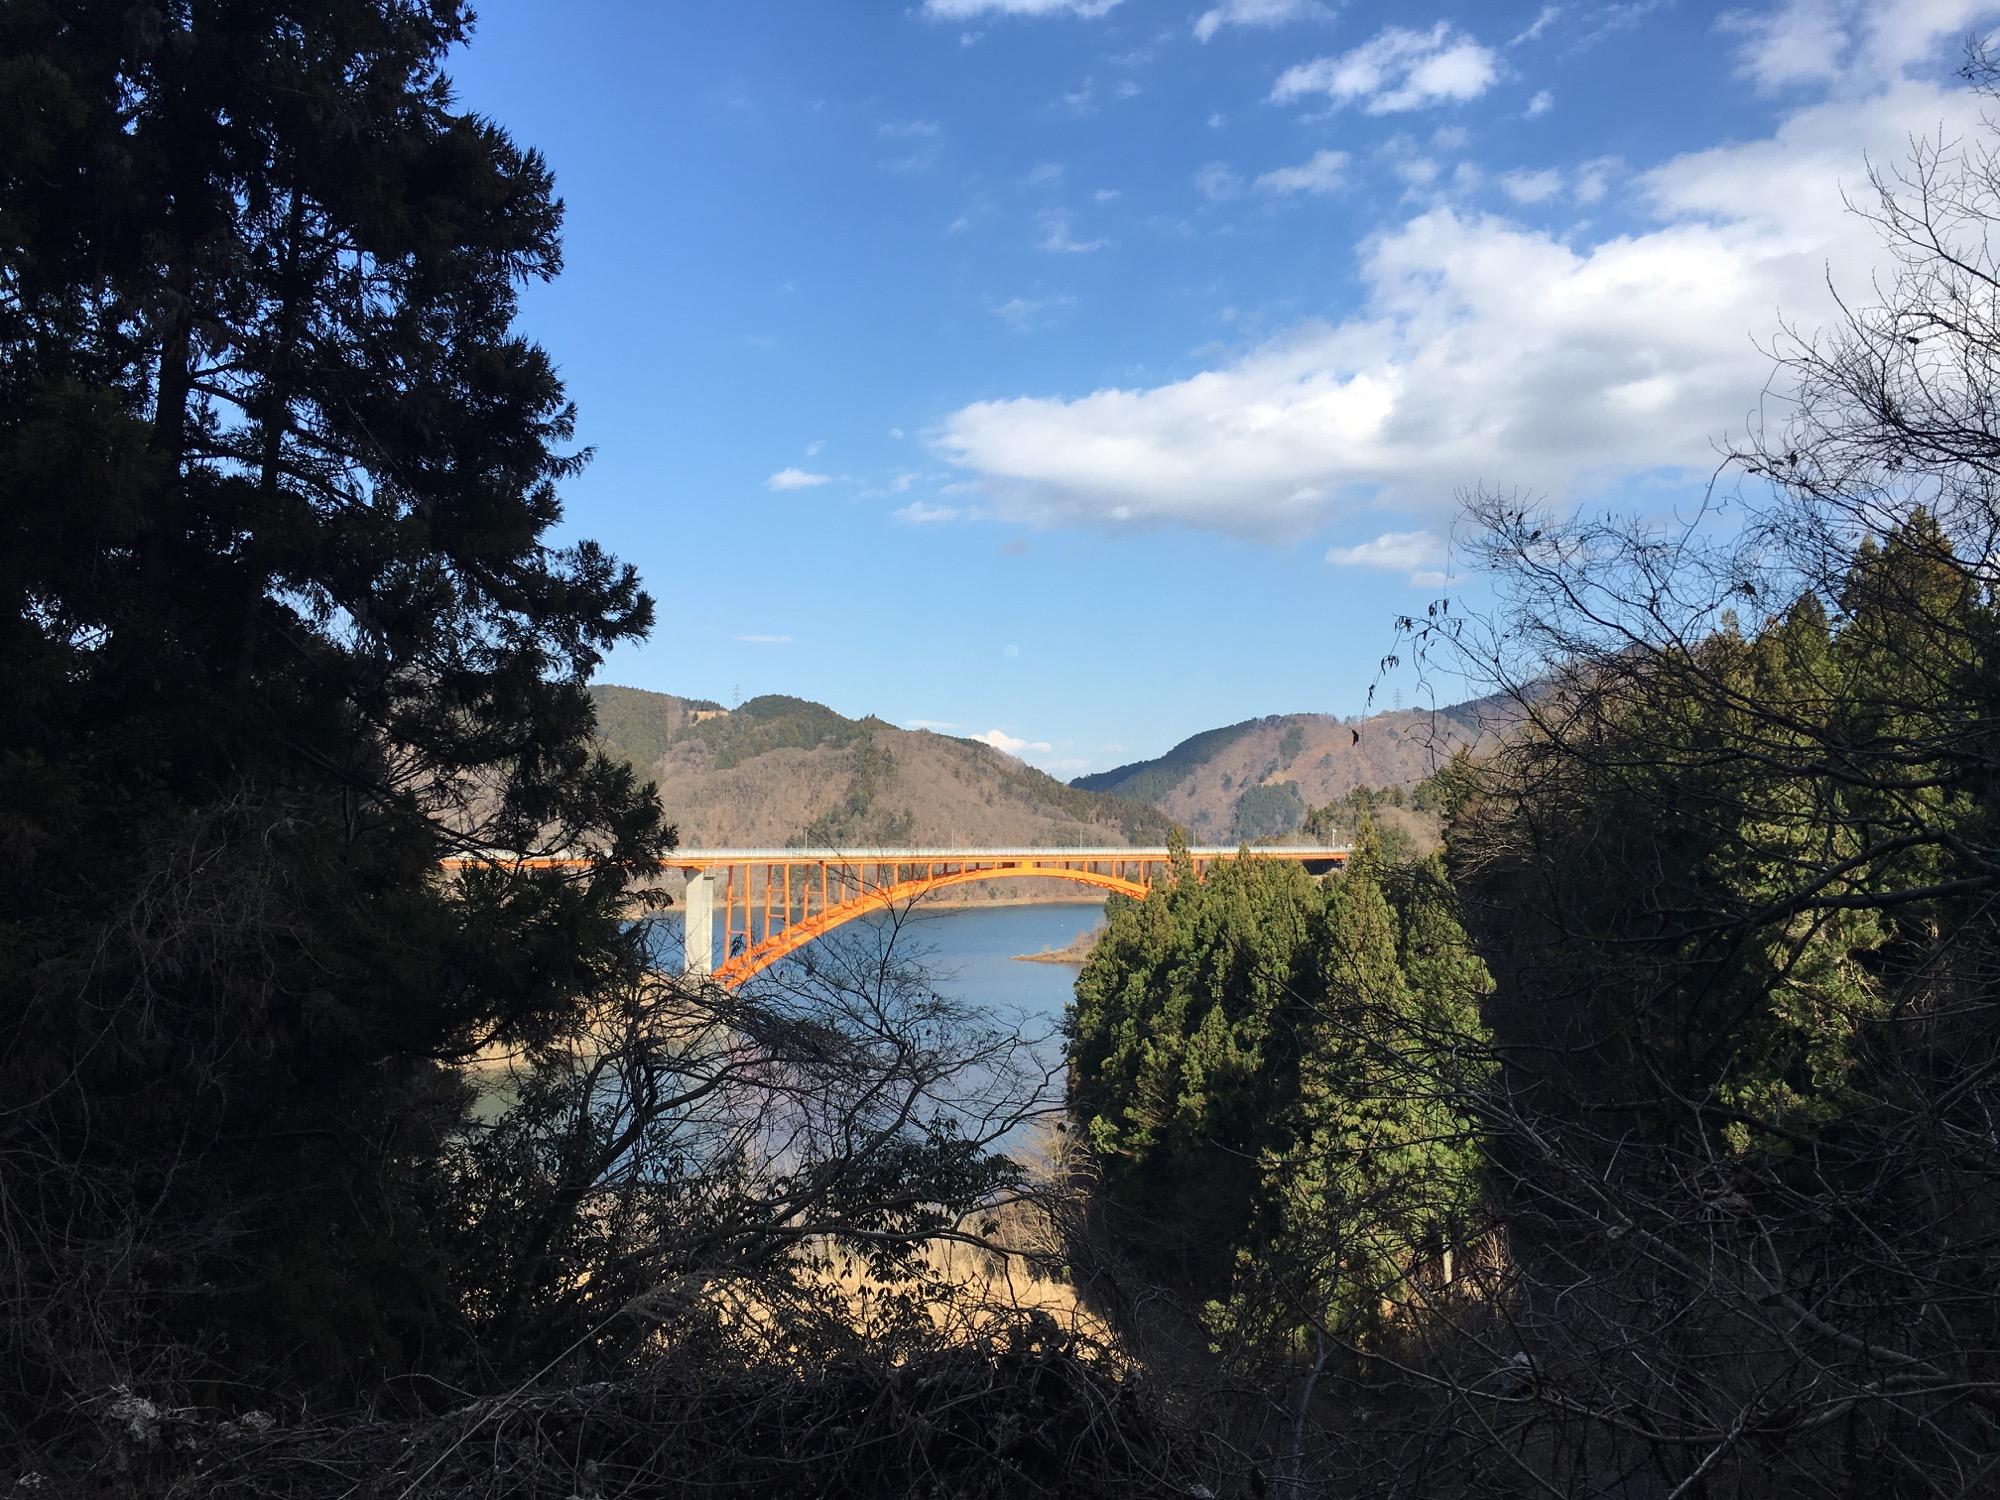 Miyagasenijinoo Bridge